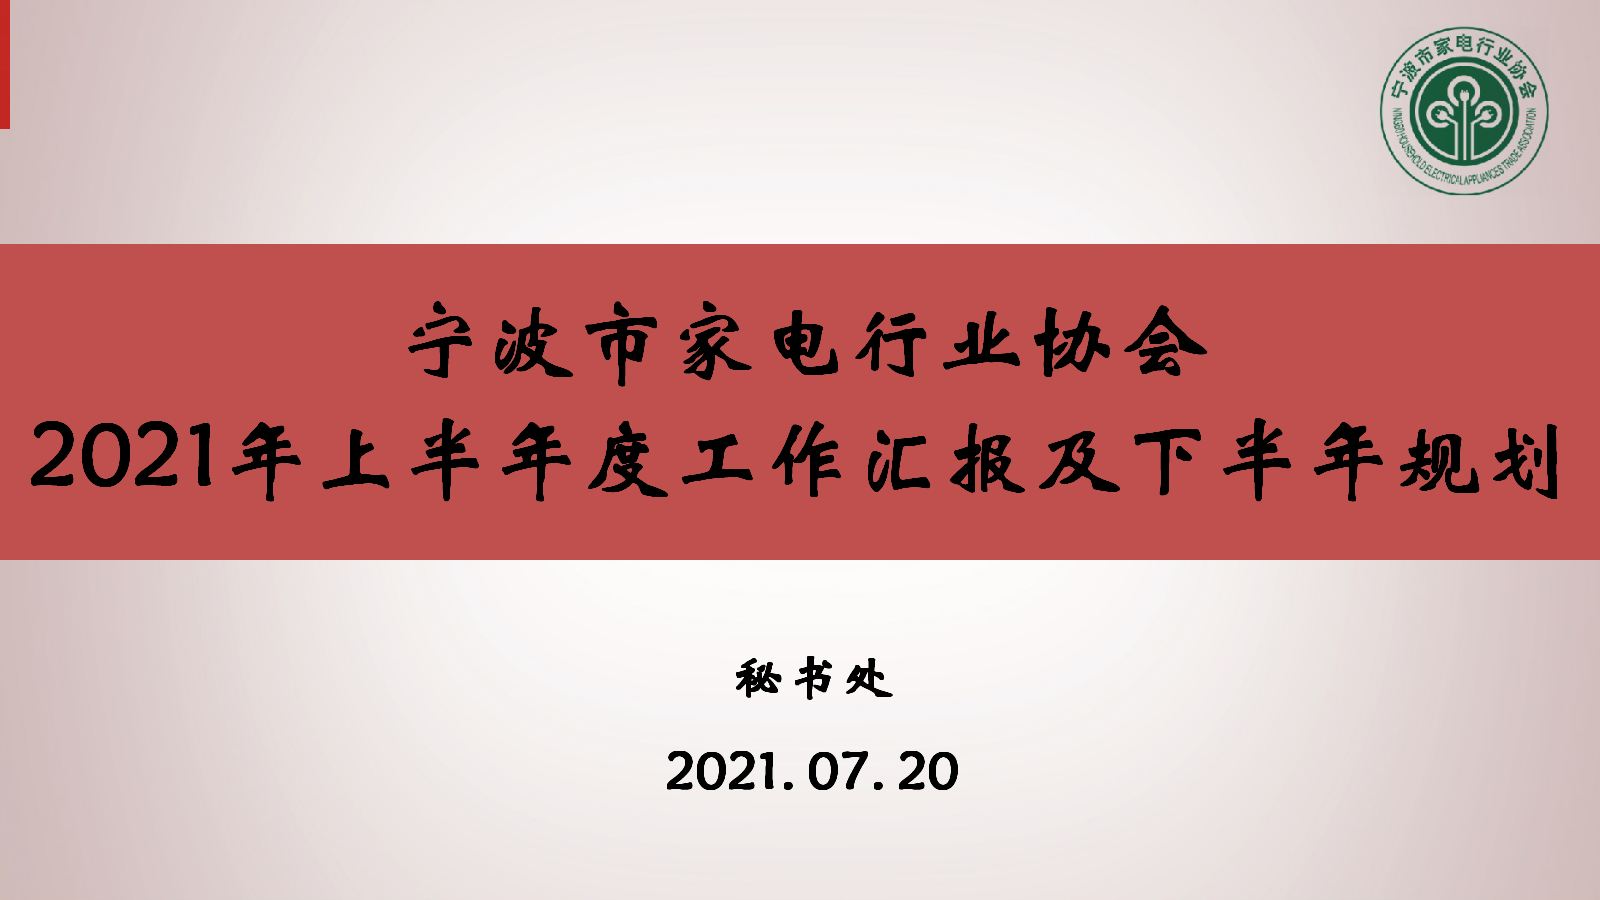 宁波市家电行业协会2021年上半年度工作汇报及下半年规划